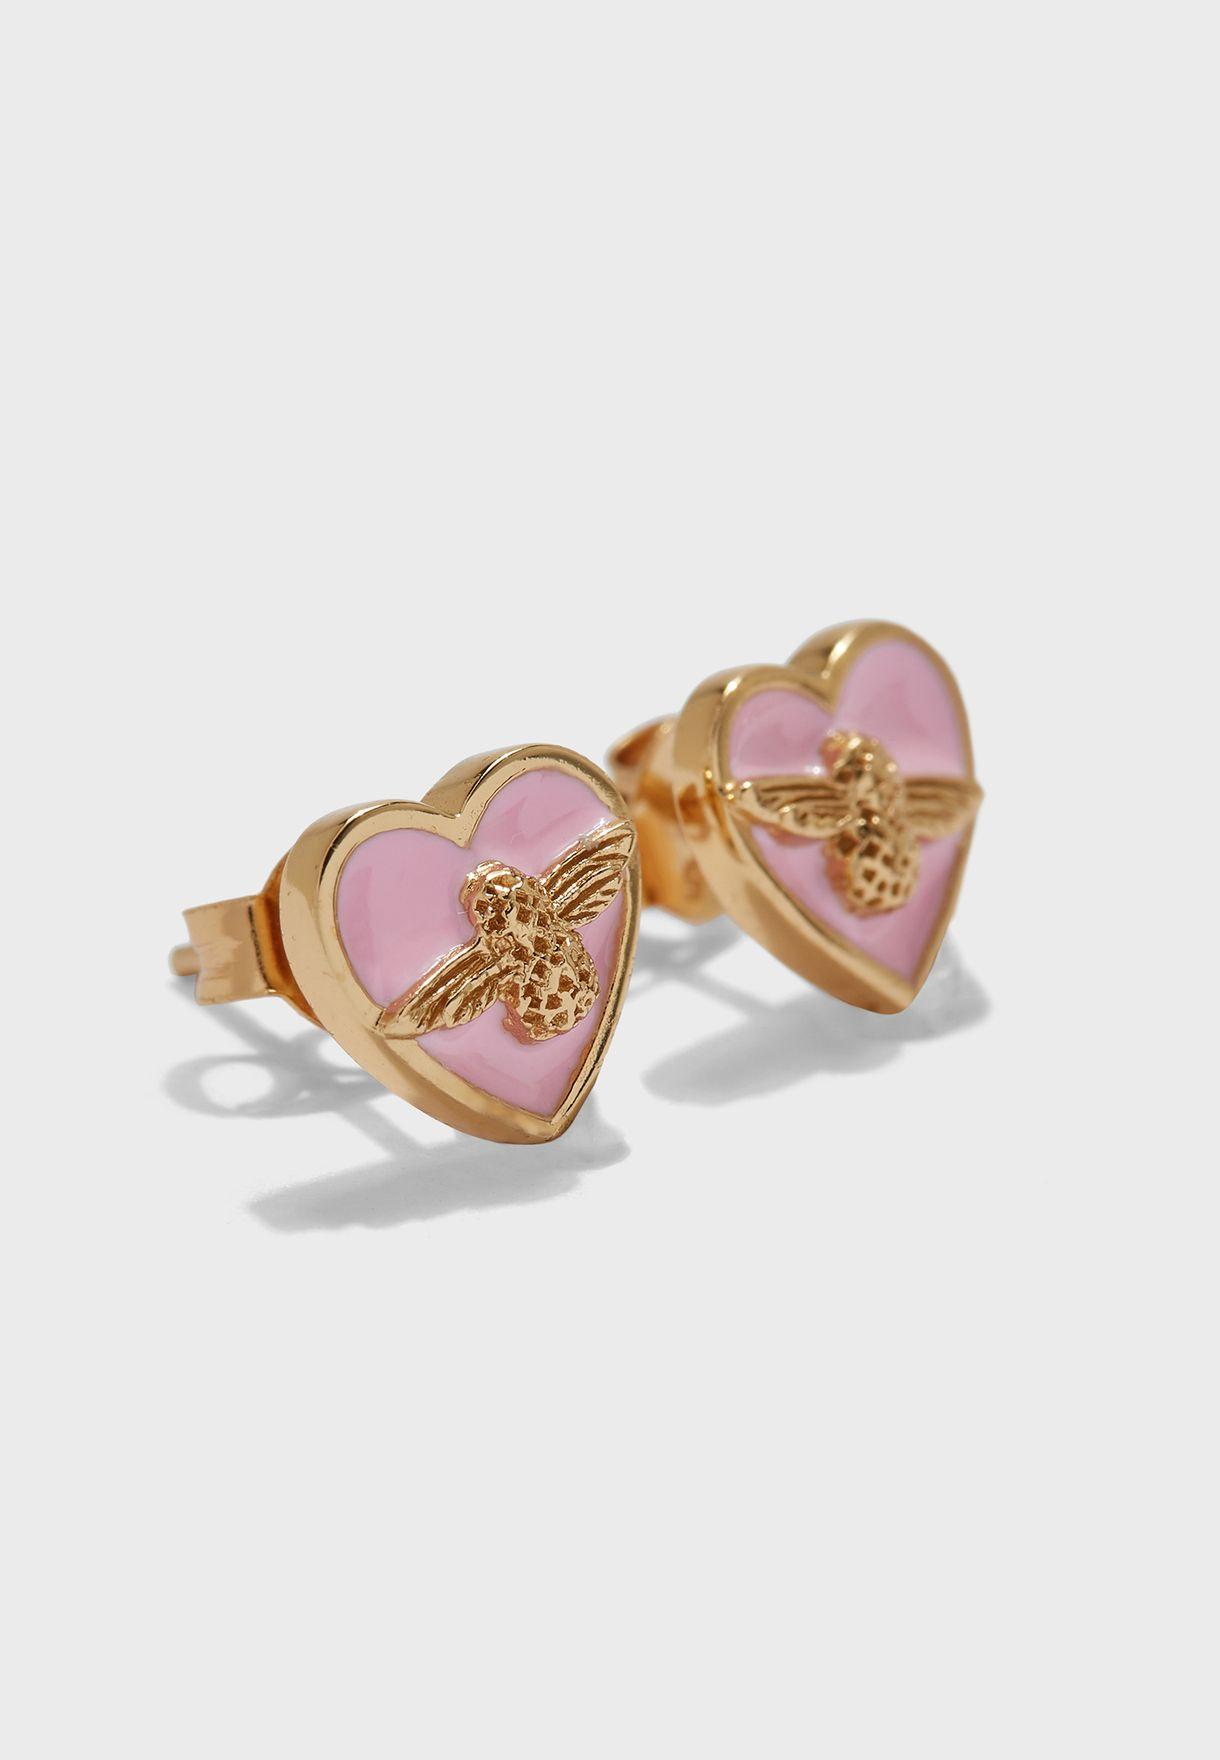 Celestial Swirl Stud Earrings